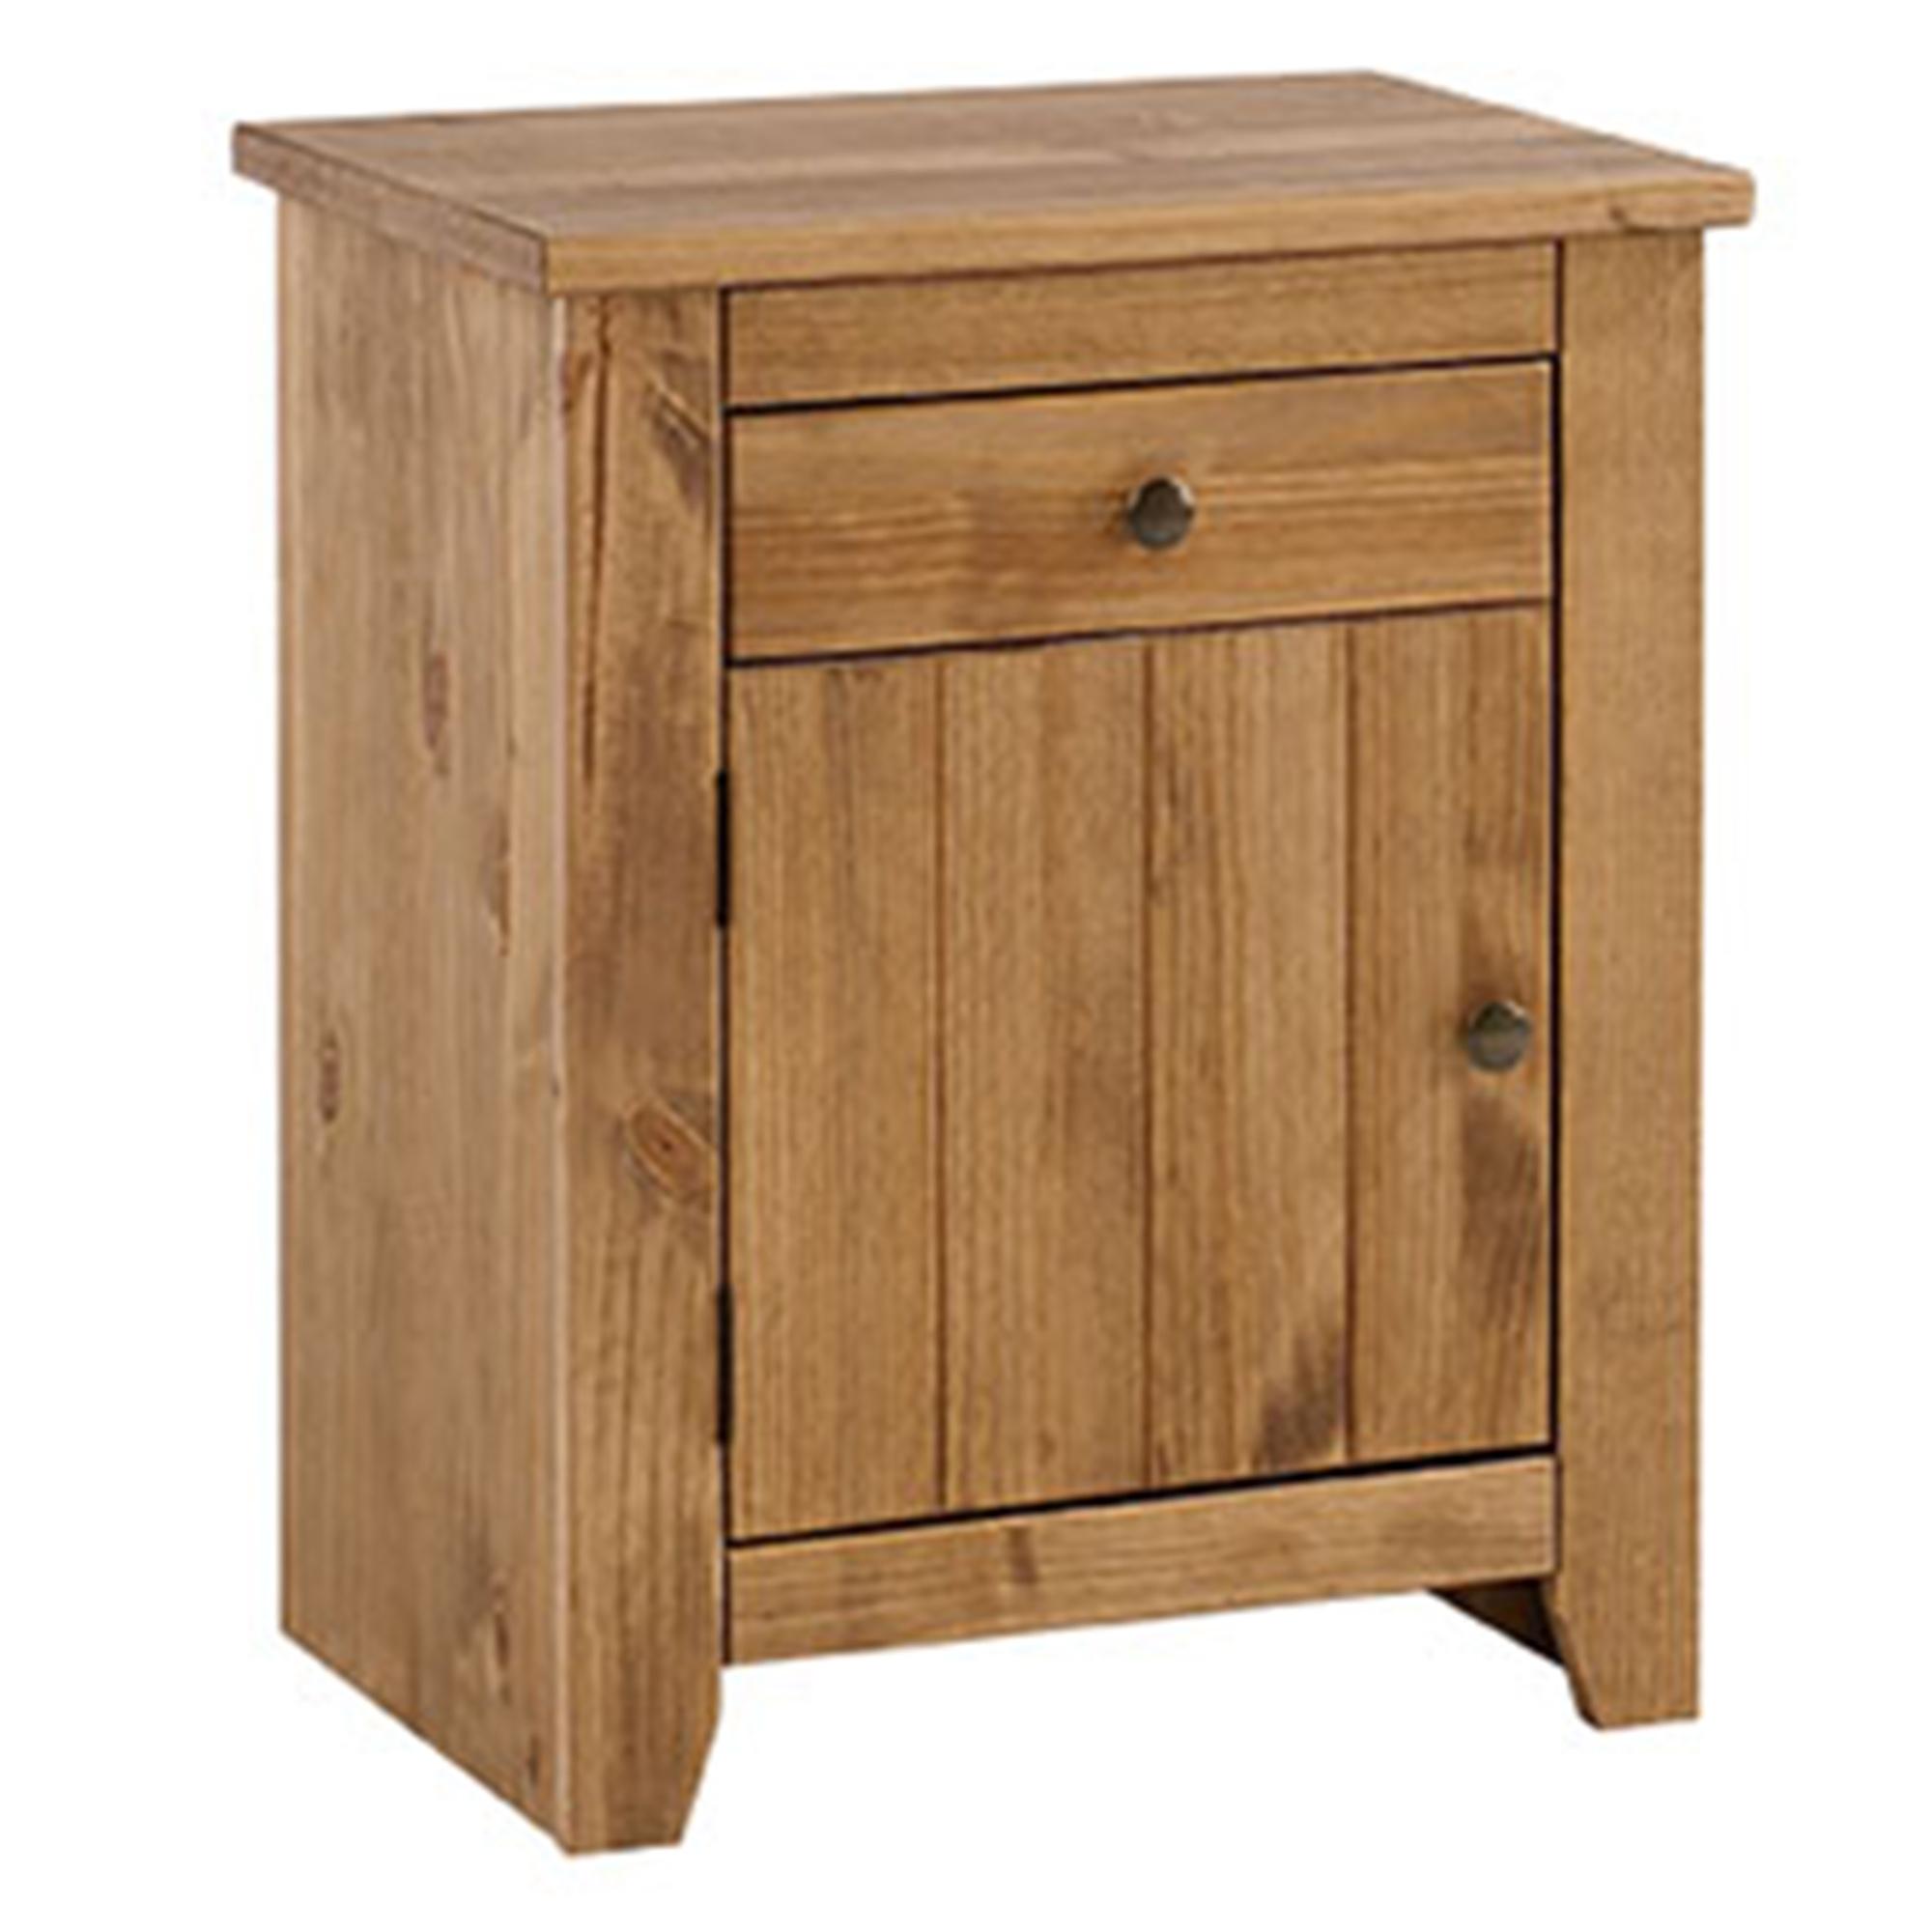 bedroom furniture bedside tables. Havana Bedside Table Bedroom Furniture Tables X